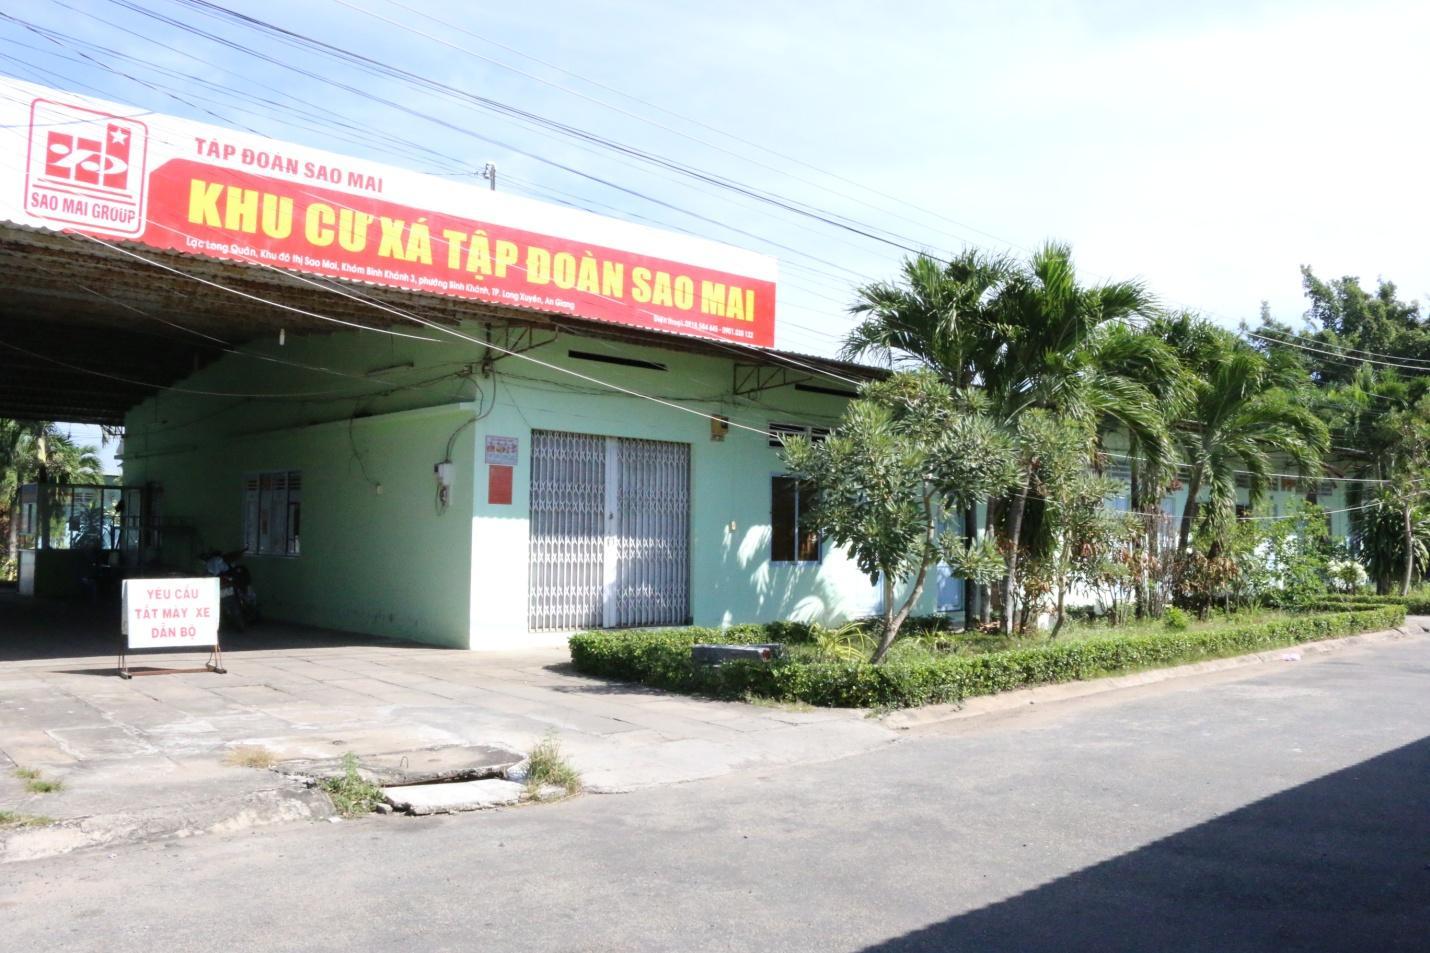 THÔNG BÁO V/v: Thuê phòng trọ tại Khu cư xá Sao Mai Bình Khánh